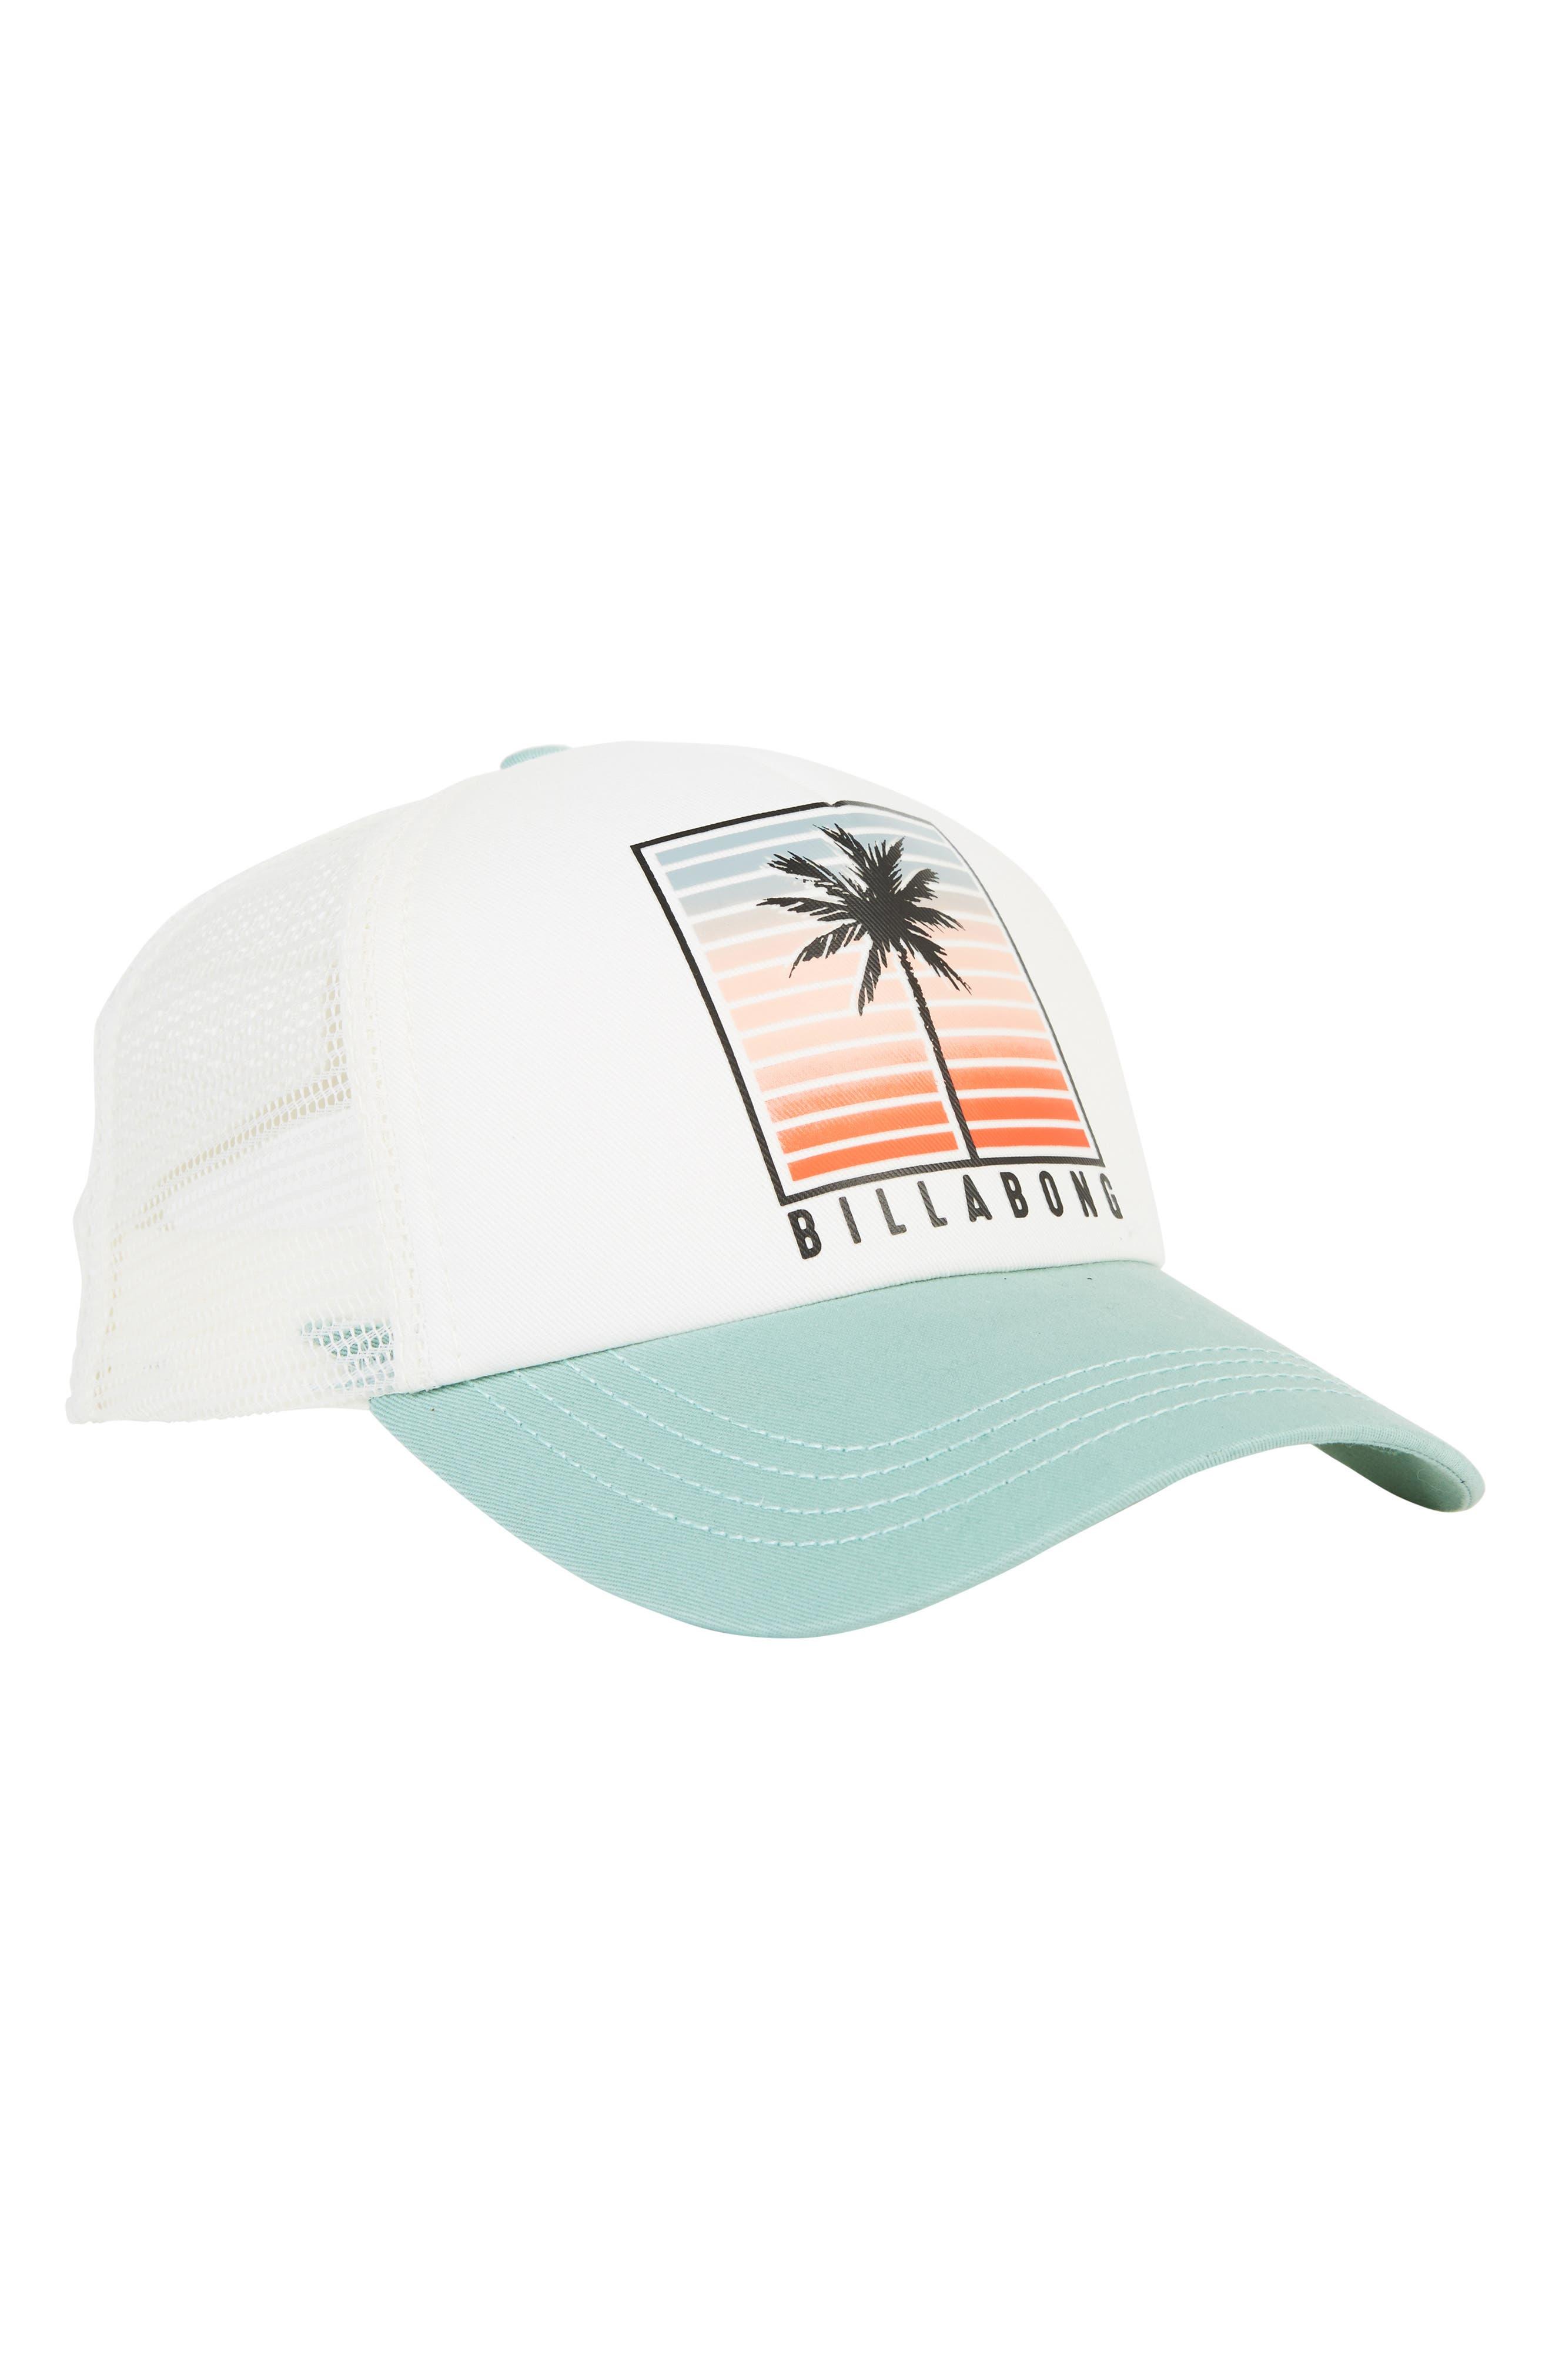 Aloha Forever Baseball Cap,                             Alternate thumbnail 3, color,                             BLUE LIGHT